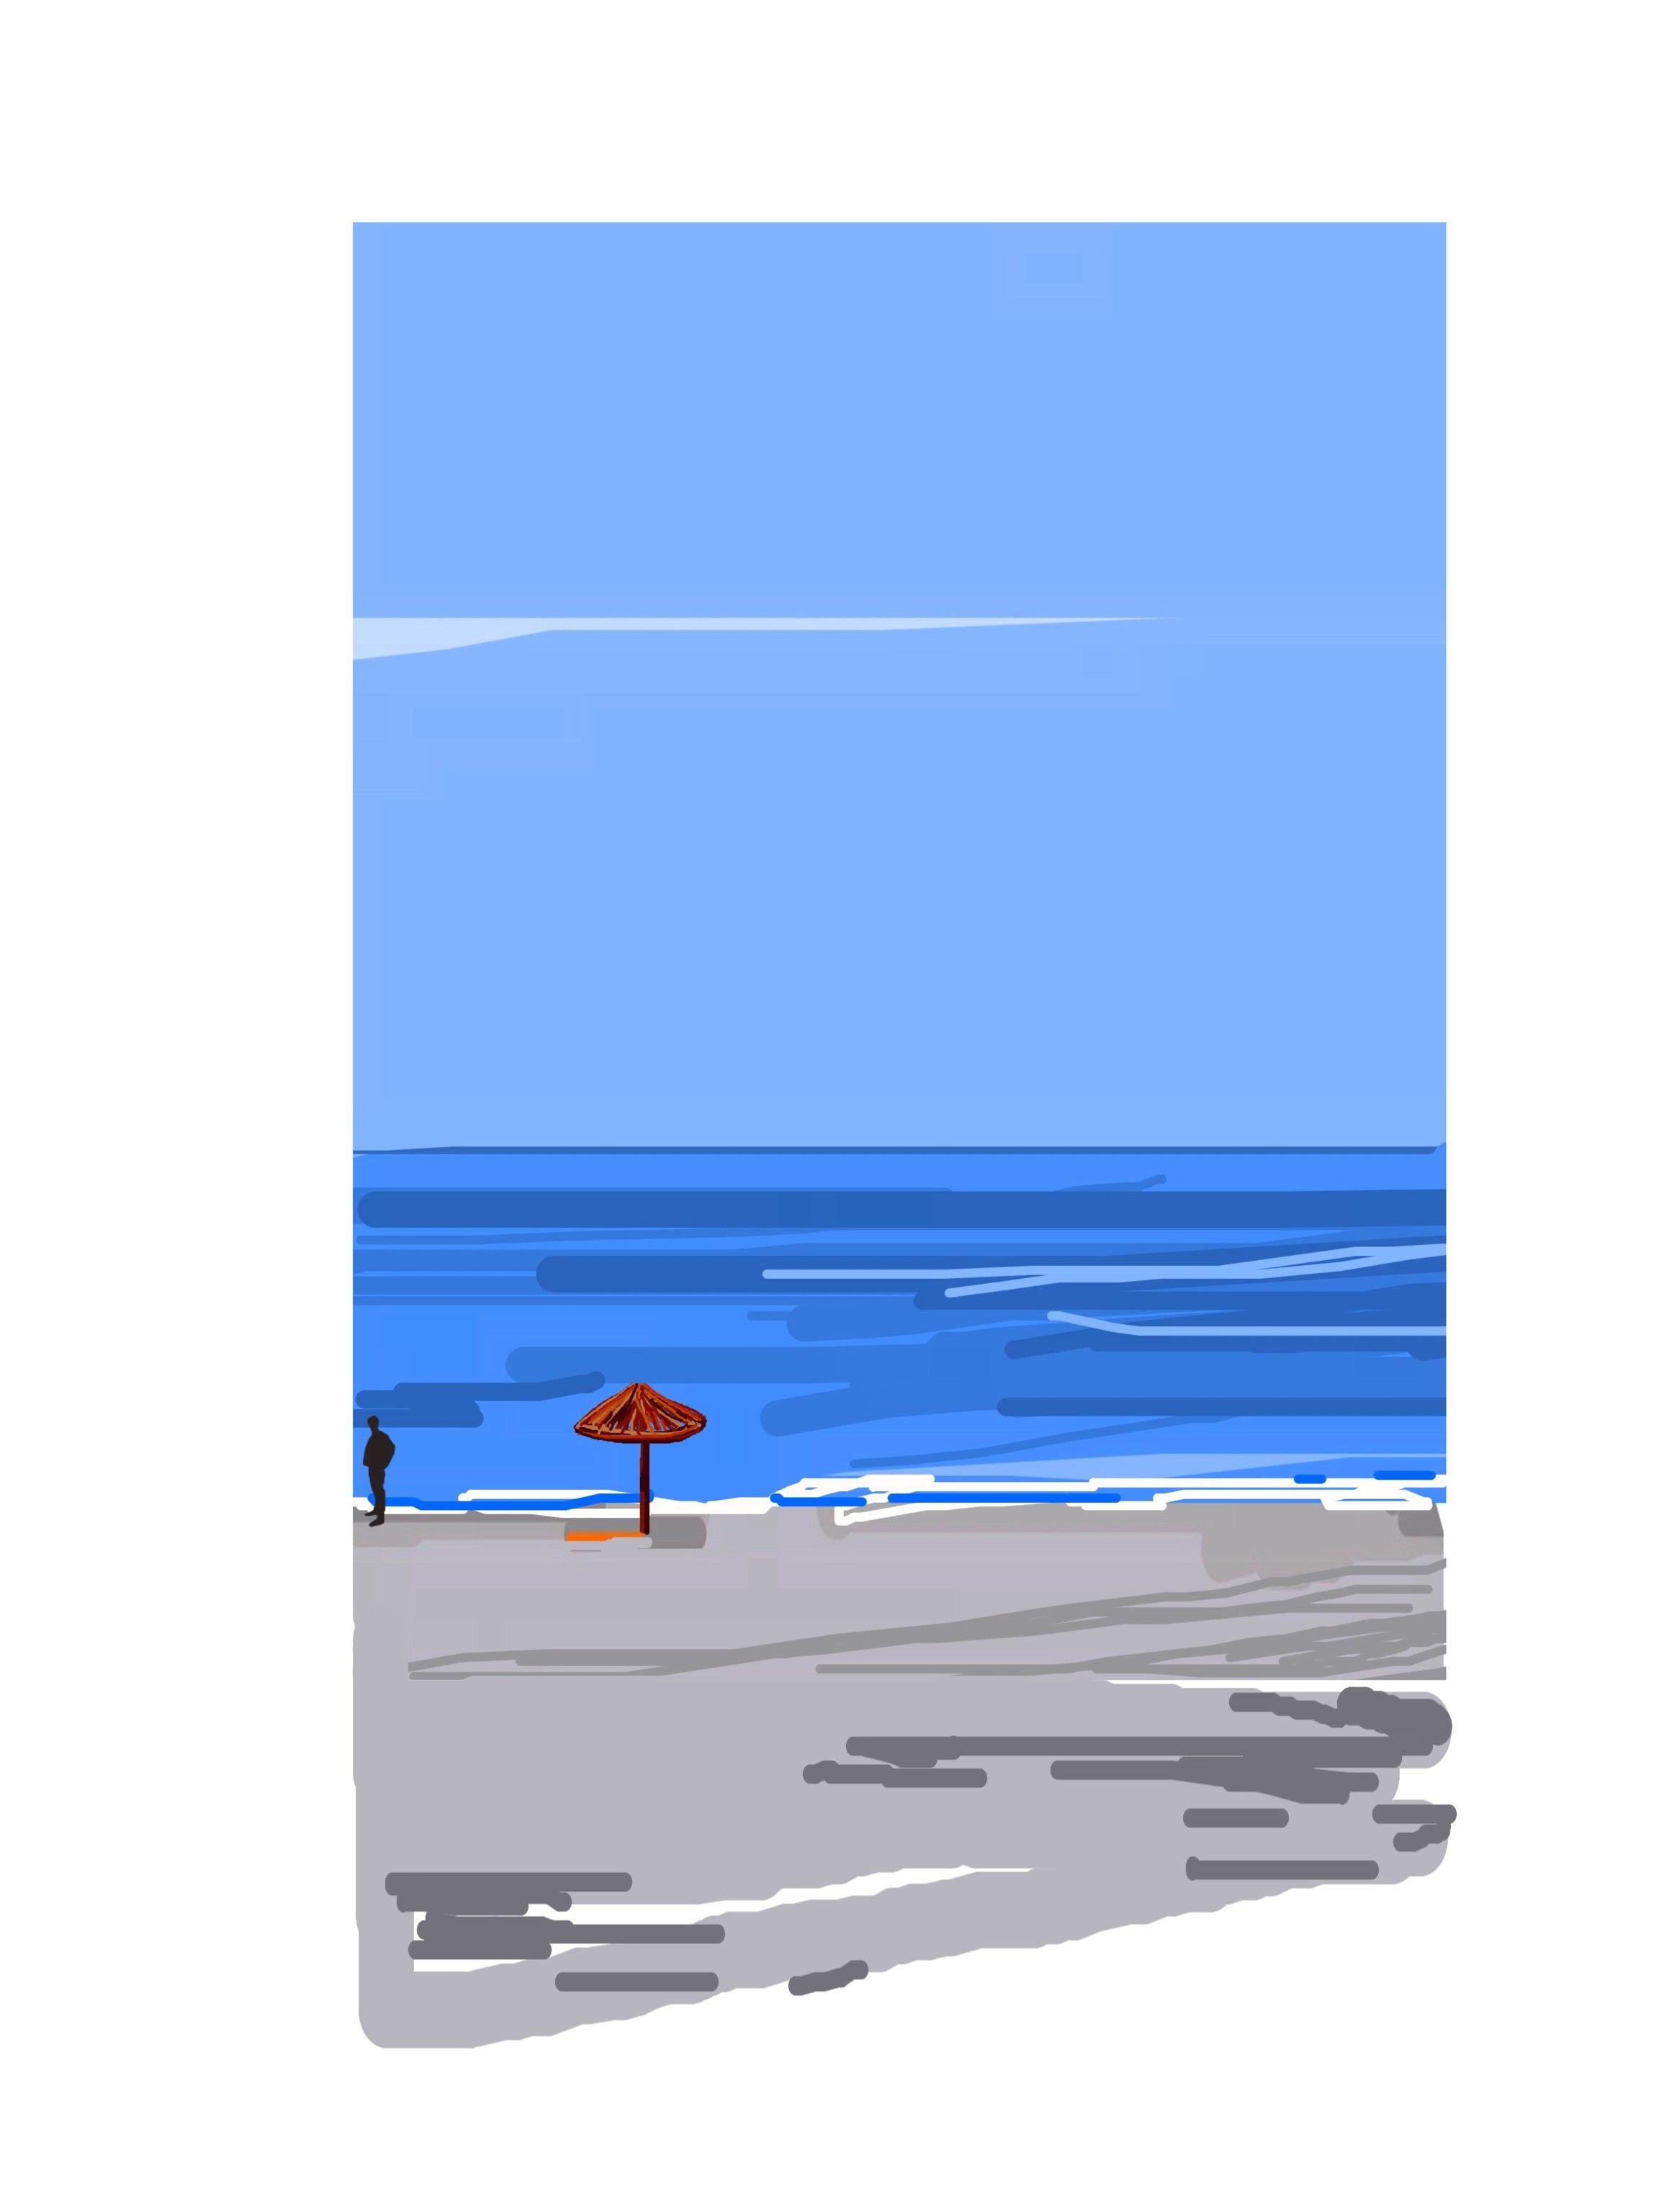 'Playa solitaria', una obra de Colin Bertholet que se incluye en su colección 'Índigo' y se puede adquirir en la tienda online http://colingarabatosdigitales.com/ #DigitalArt #iPad #GarabatosDigitales